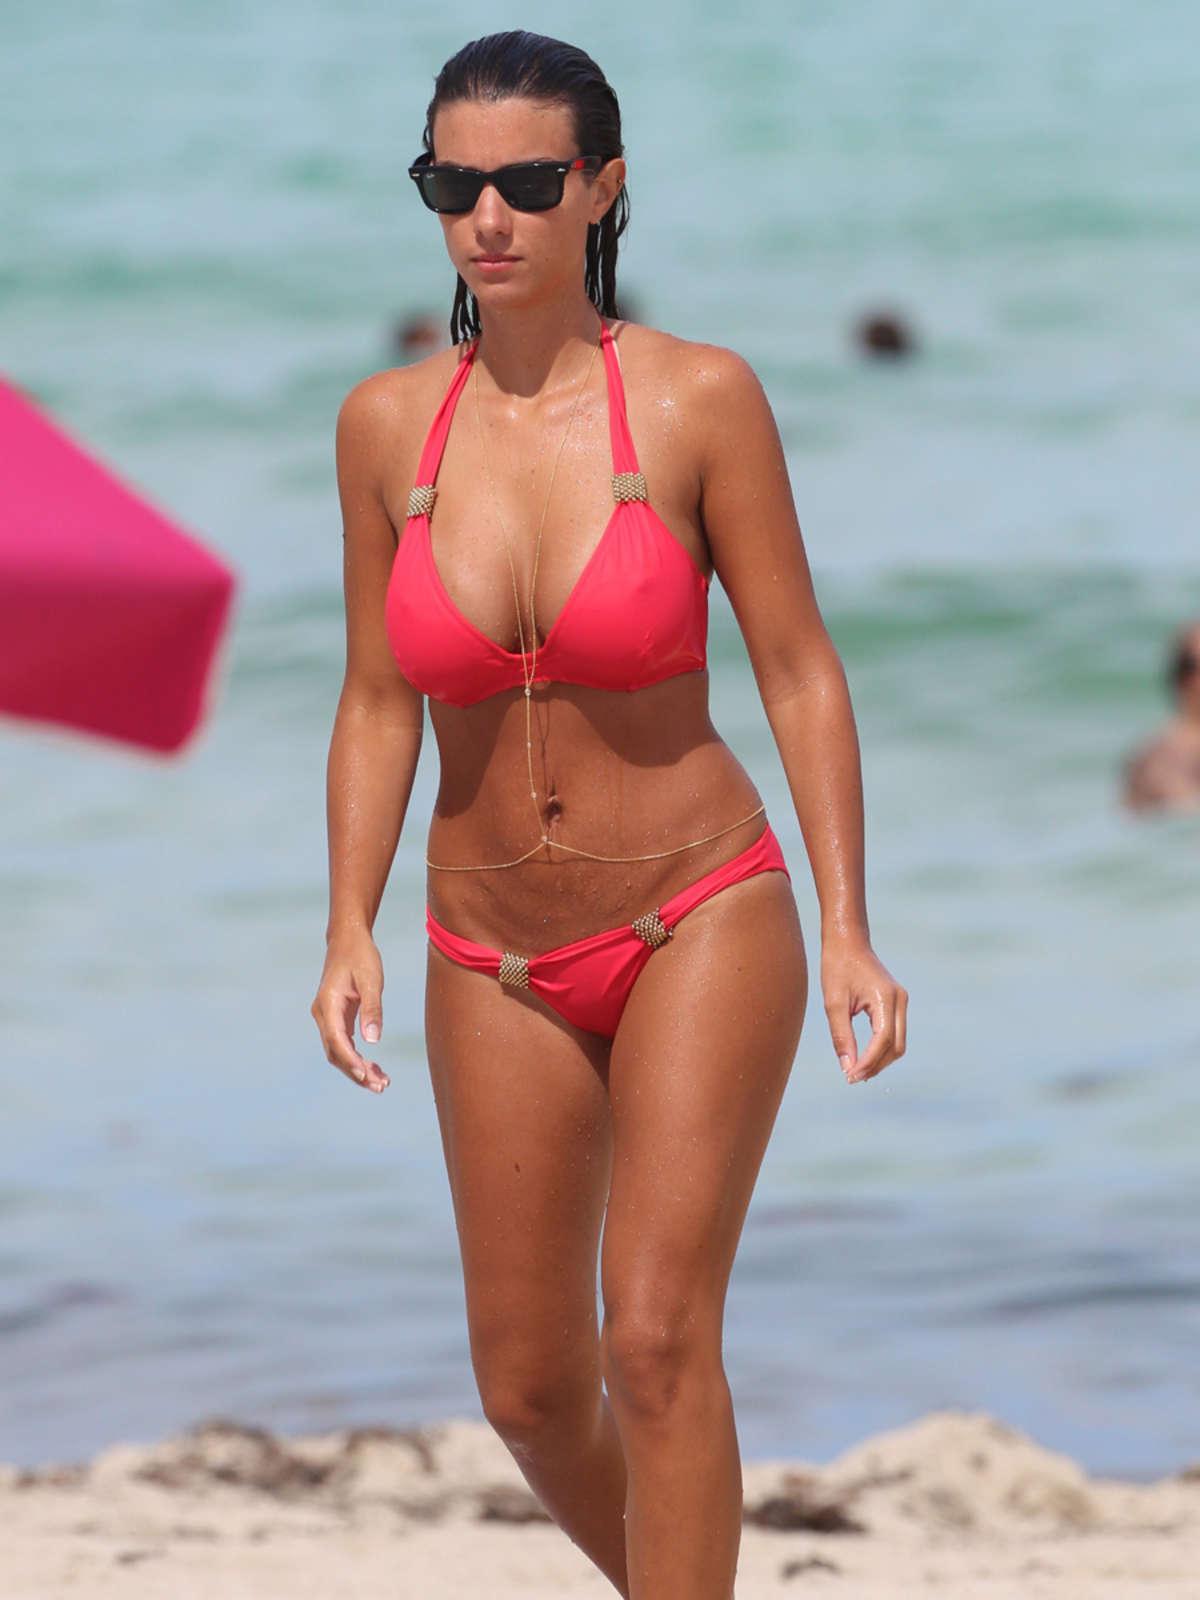 ludivine kadri sagna in a red bikini  08   gotceleb